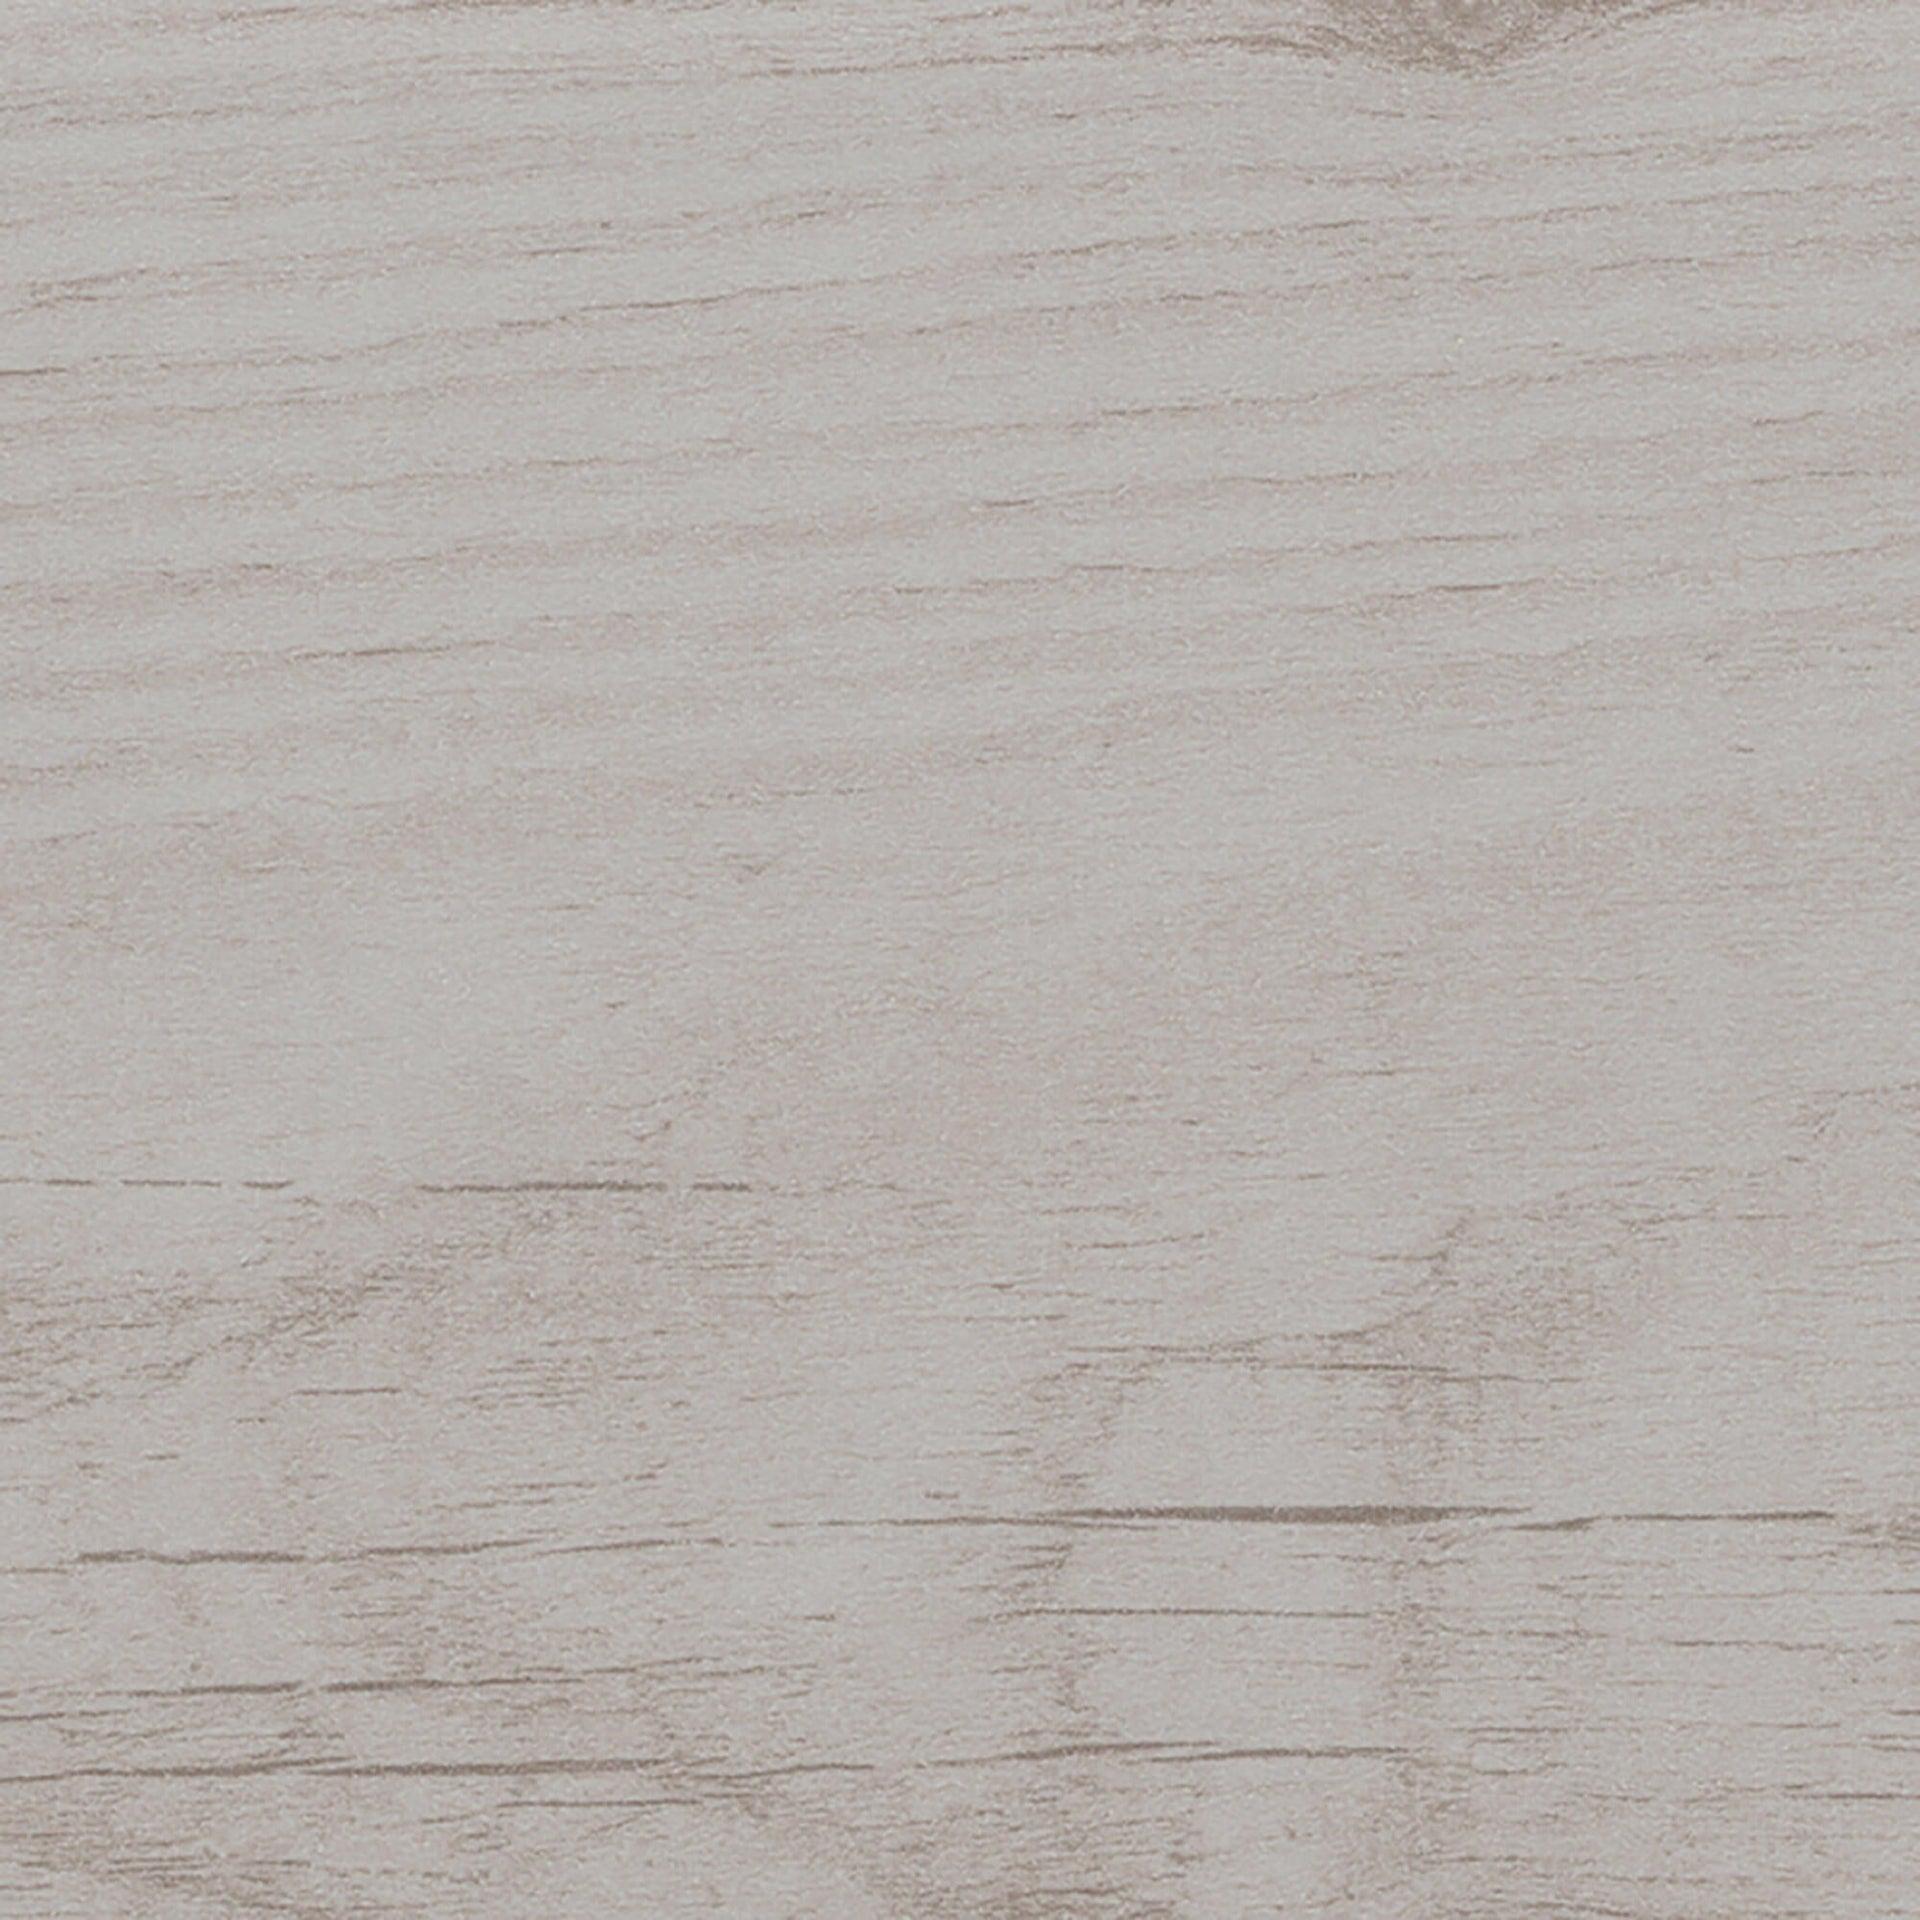 Profilo soglia simple-fix 38 36 mm x 95 cm - 4